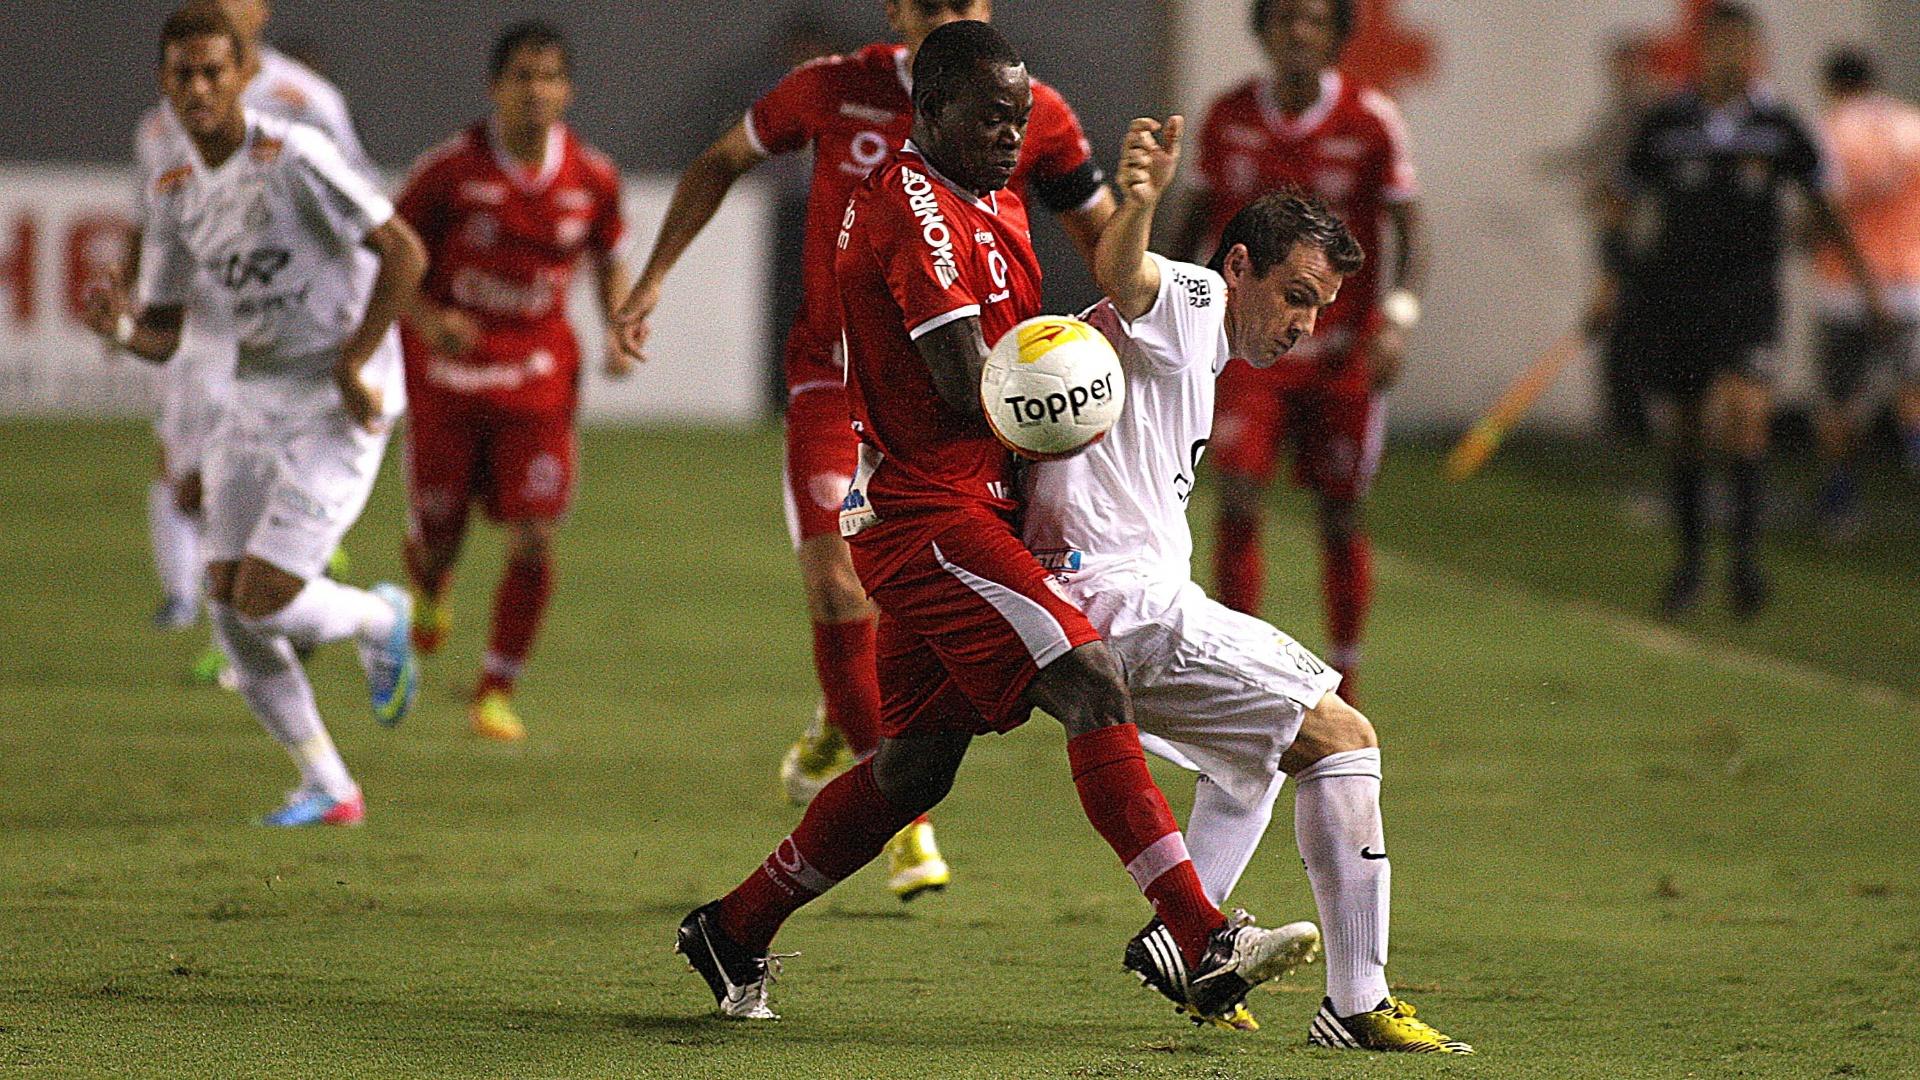 28.mar.2013 - O meia Montillo tenta desviar da marcação durante a partida entre Santos e Mogi Mirim válida pelo Campeonato Paulista, na Vila Belmiro